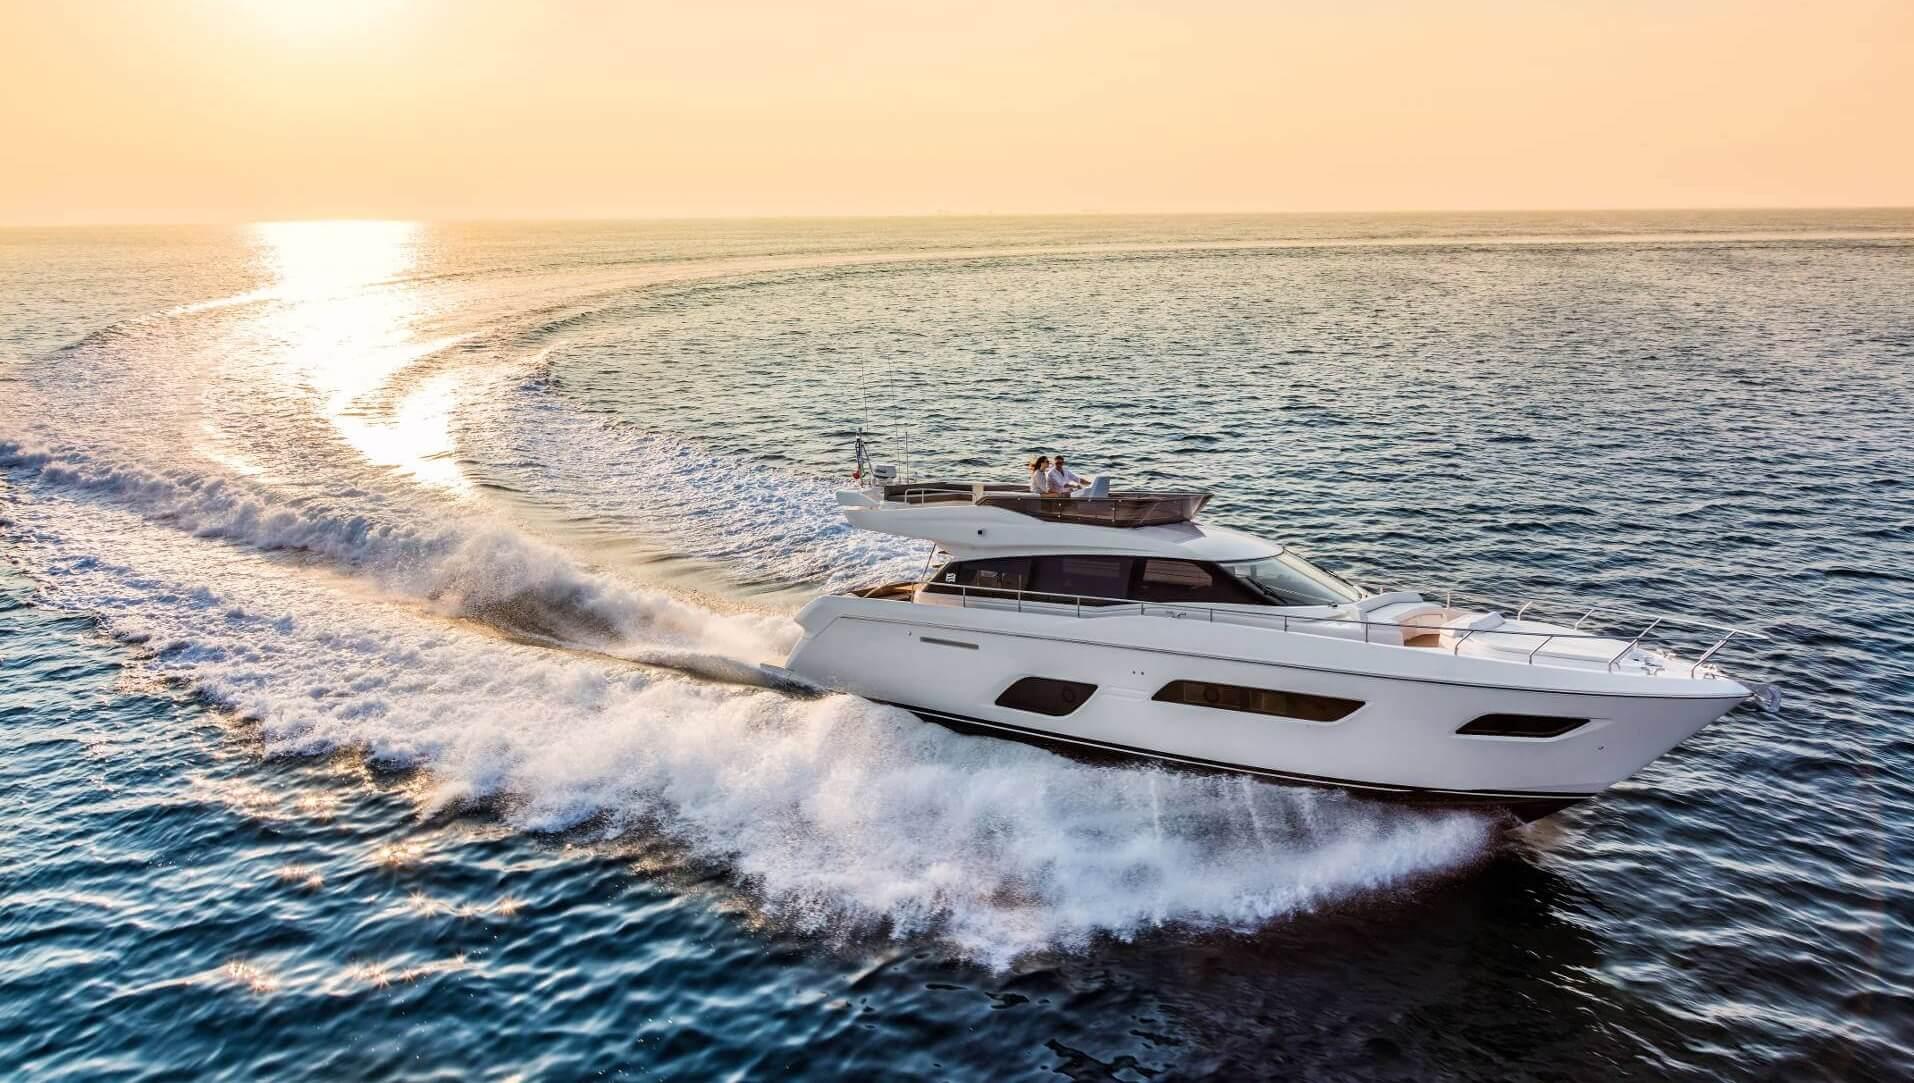 Tekne - Boat